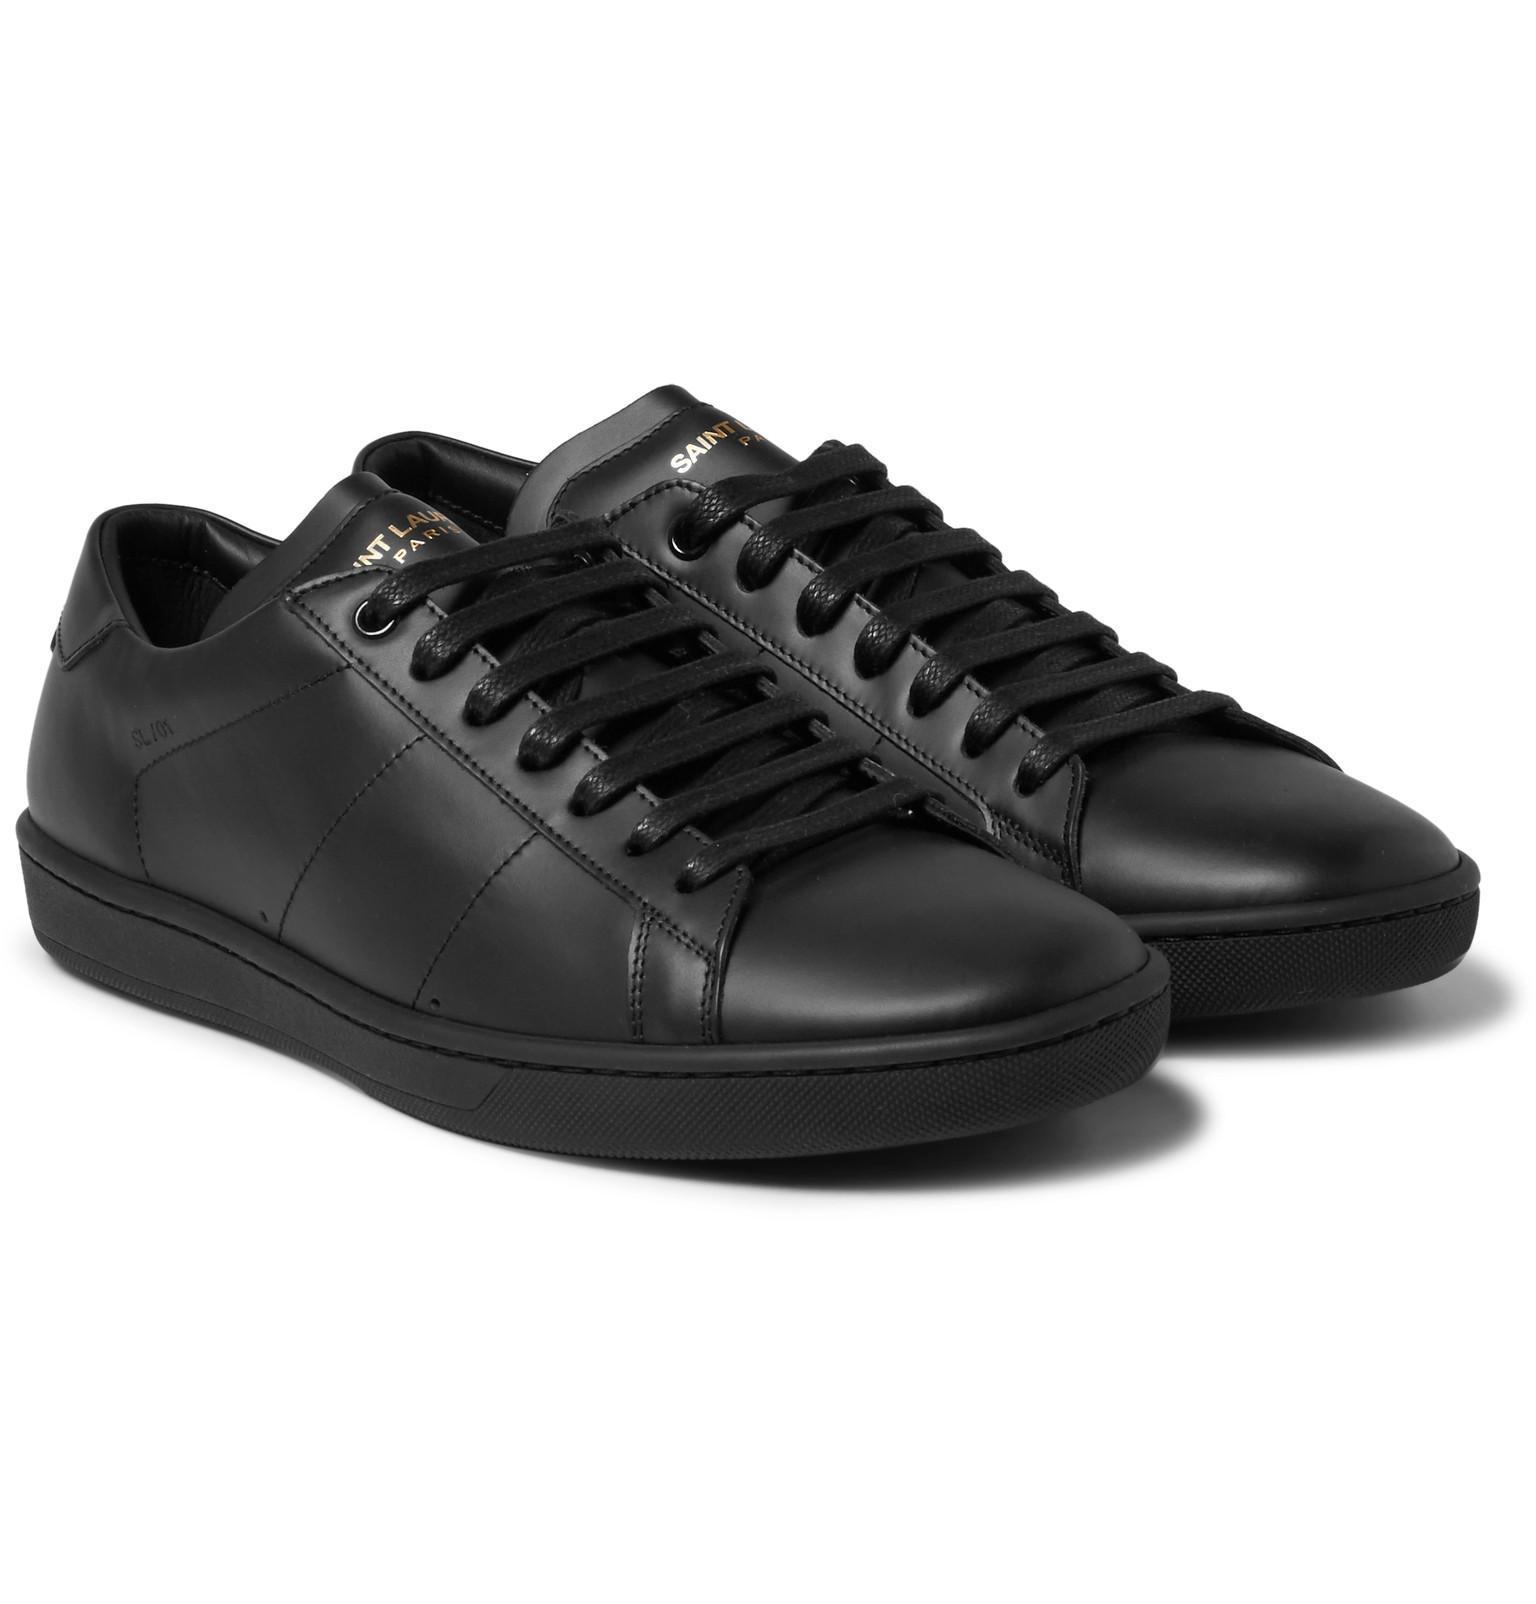 Discount Best Sale Black SL/01 Court Classic Sneakers Saint Laurent Cheap Sale Comfortable Big Discount Sale Online For Sale Official Site Wiki Cheap Price 4trkZSsH